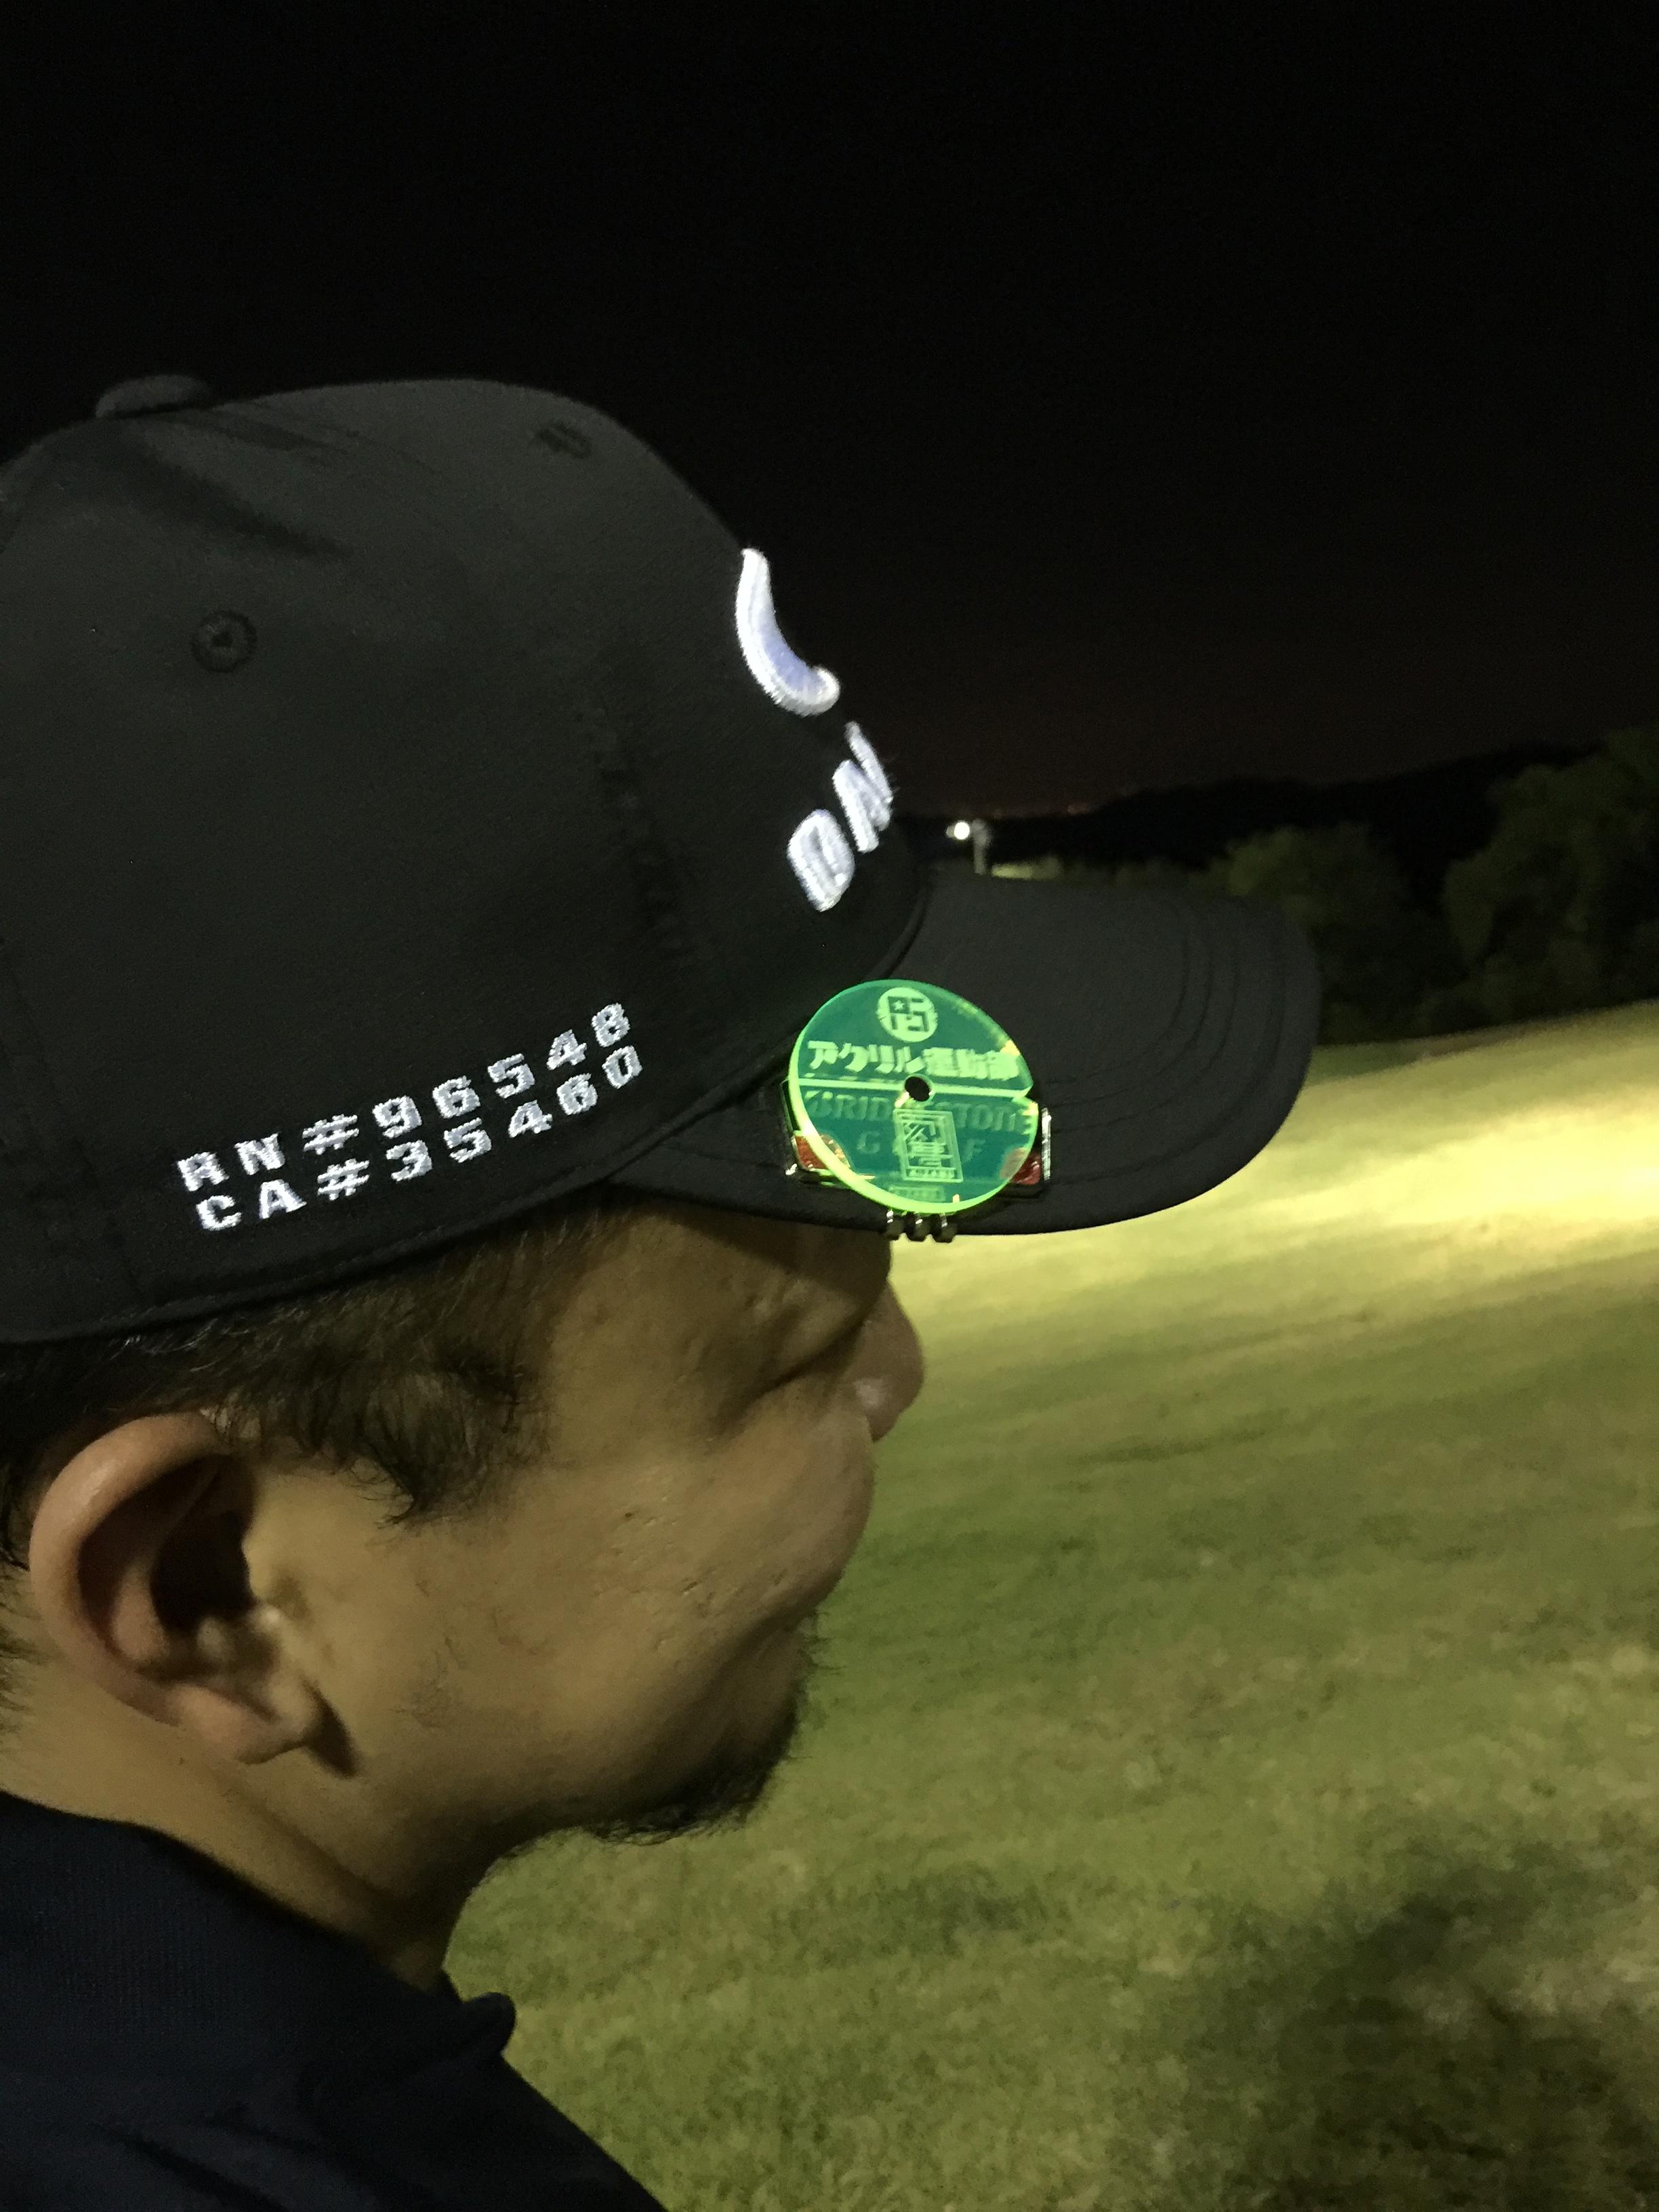 ナイターゴルフでも!!